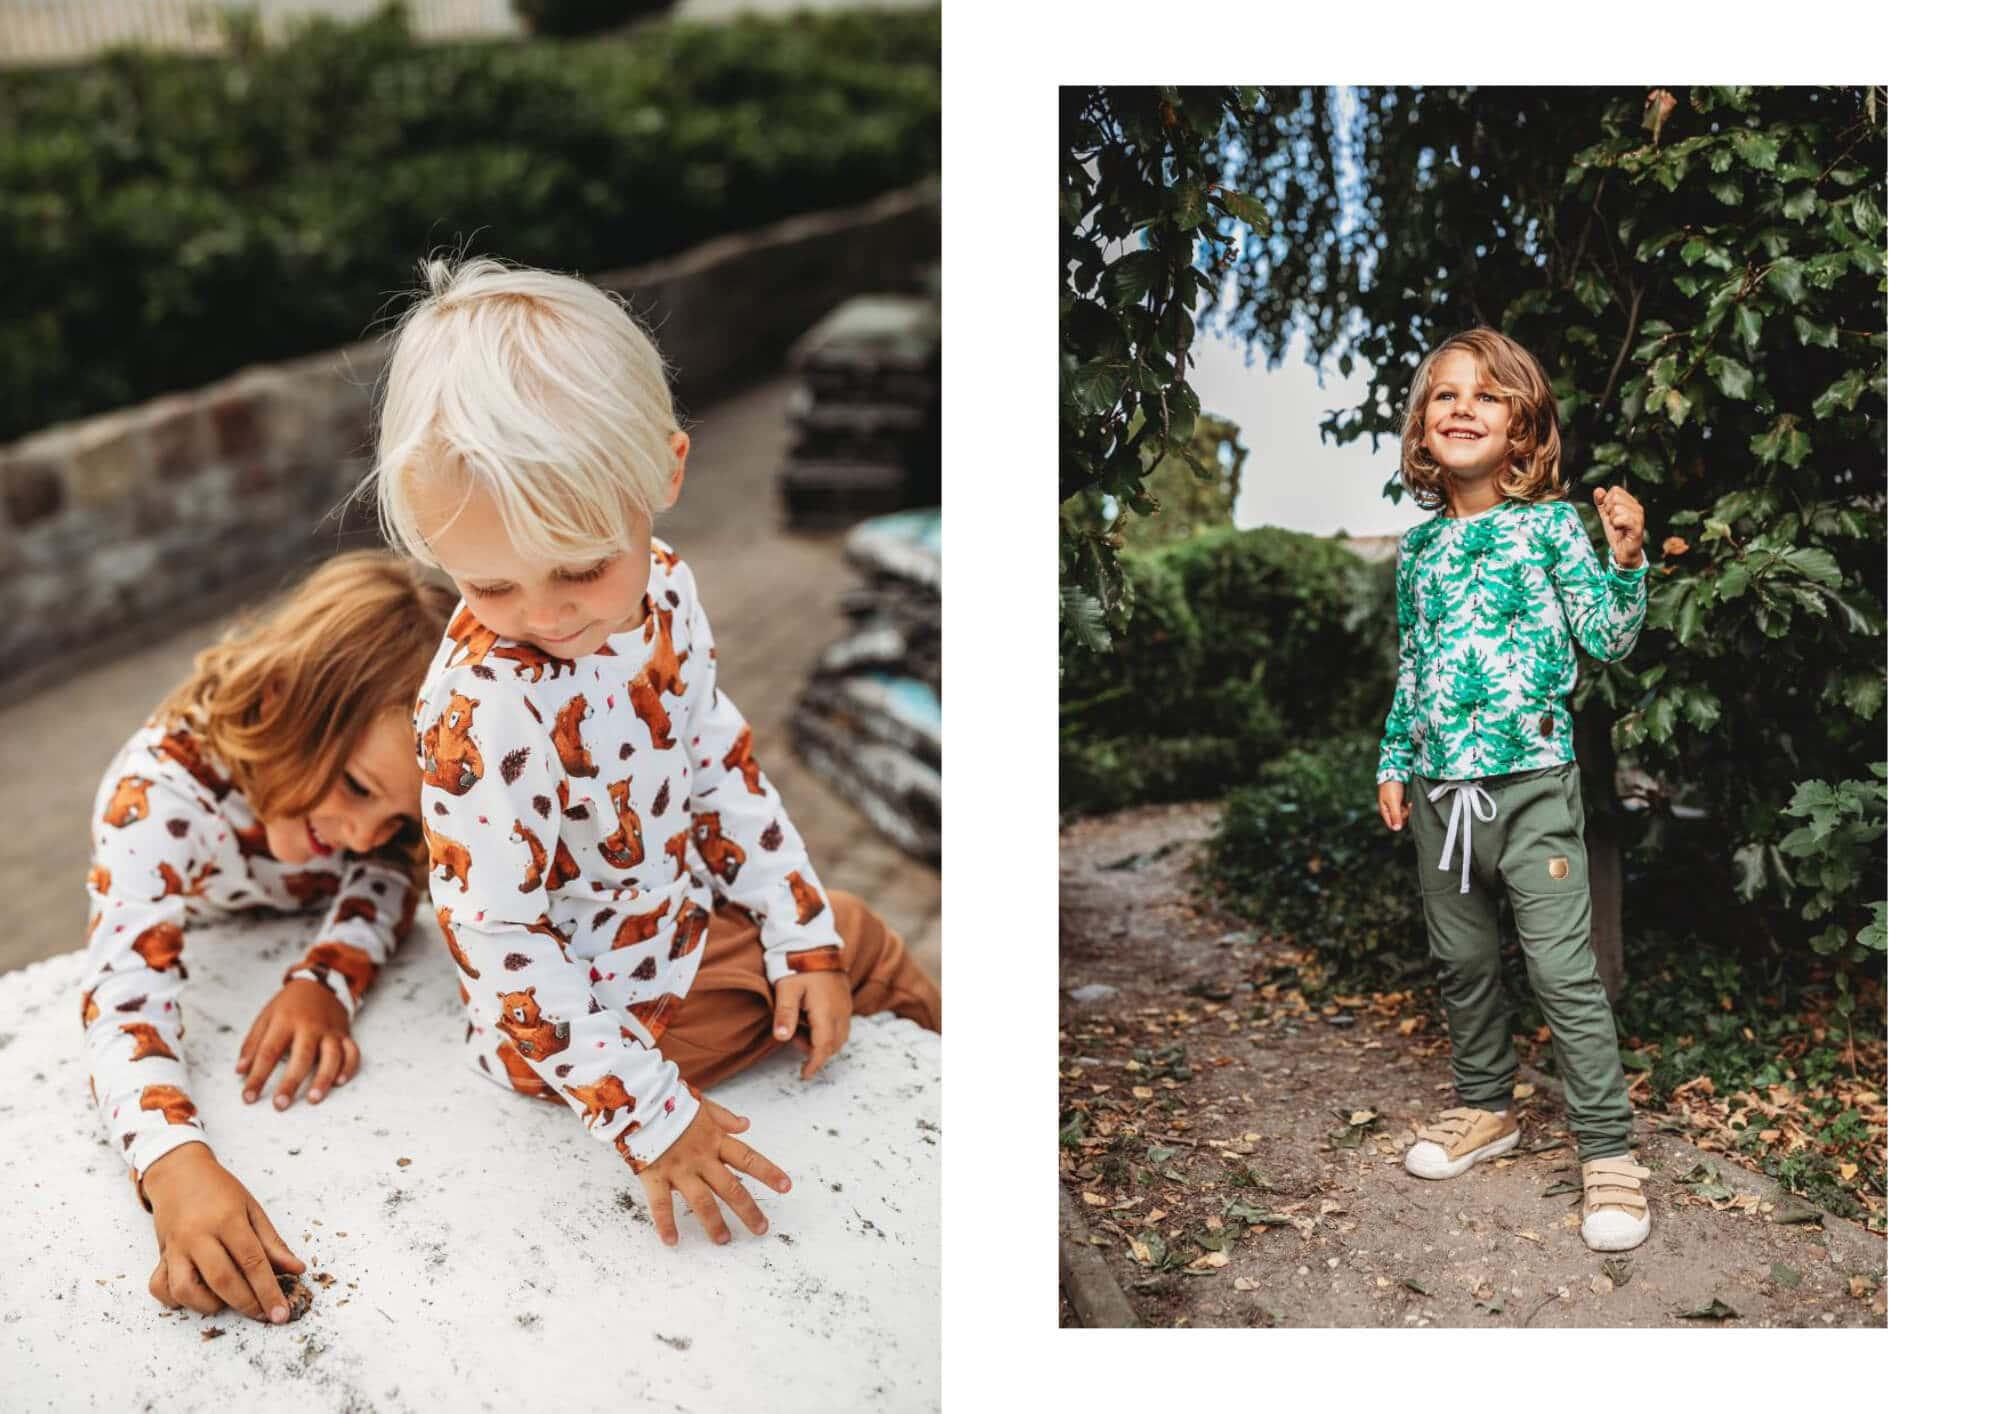 Misioo Koszulka – Teddy Footprints, 68/74